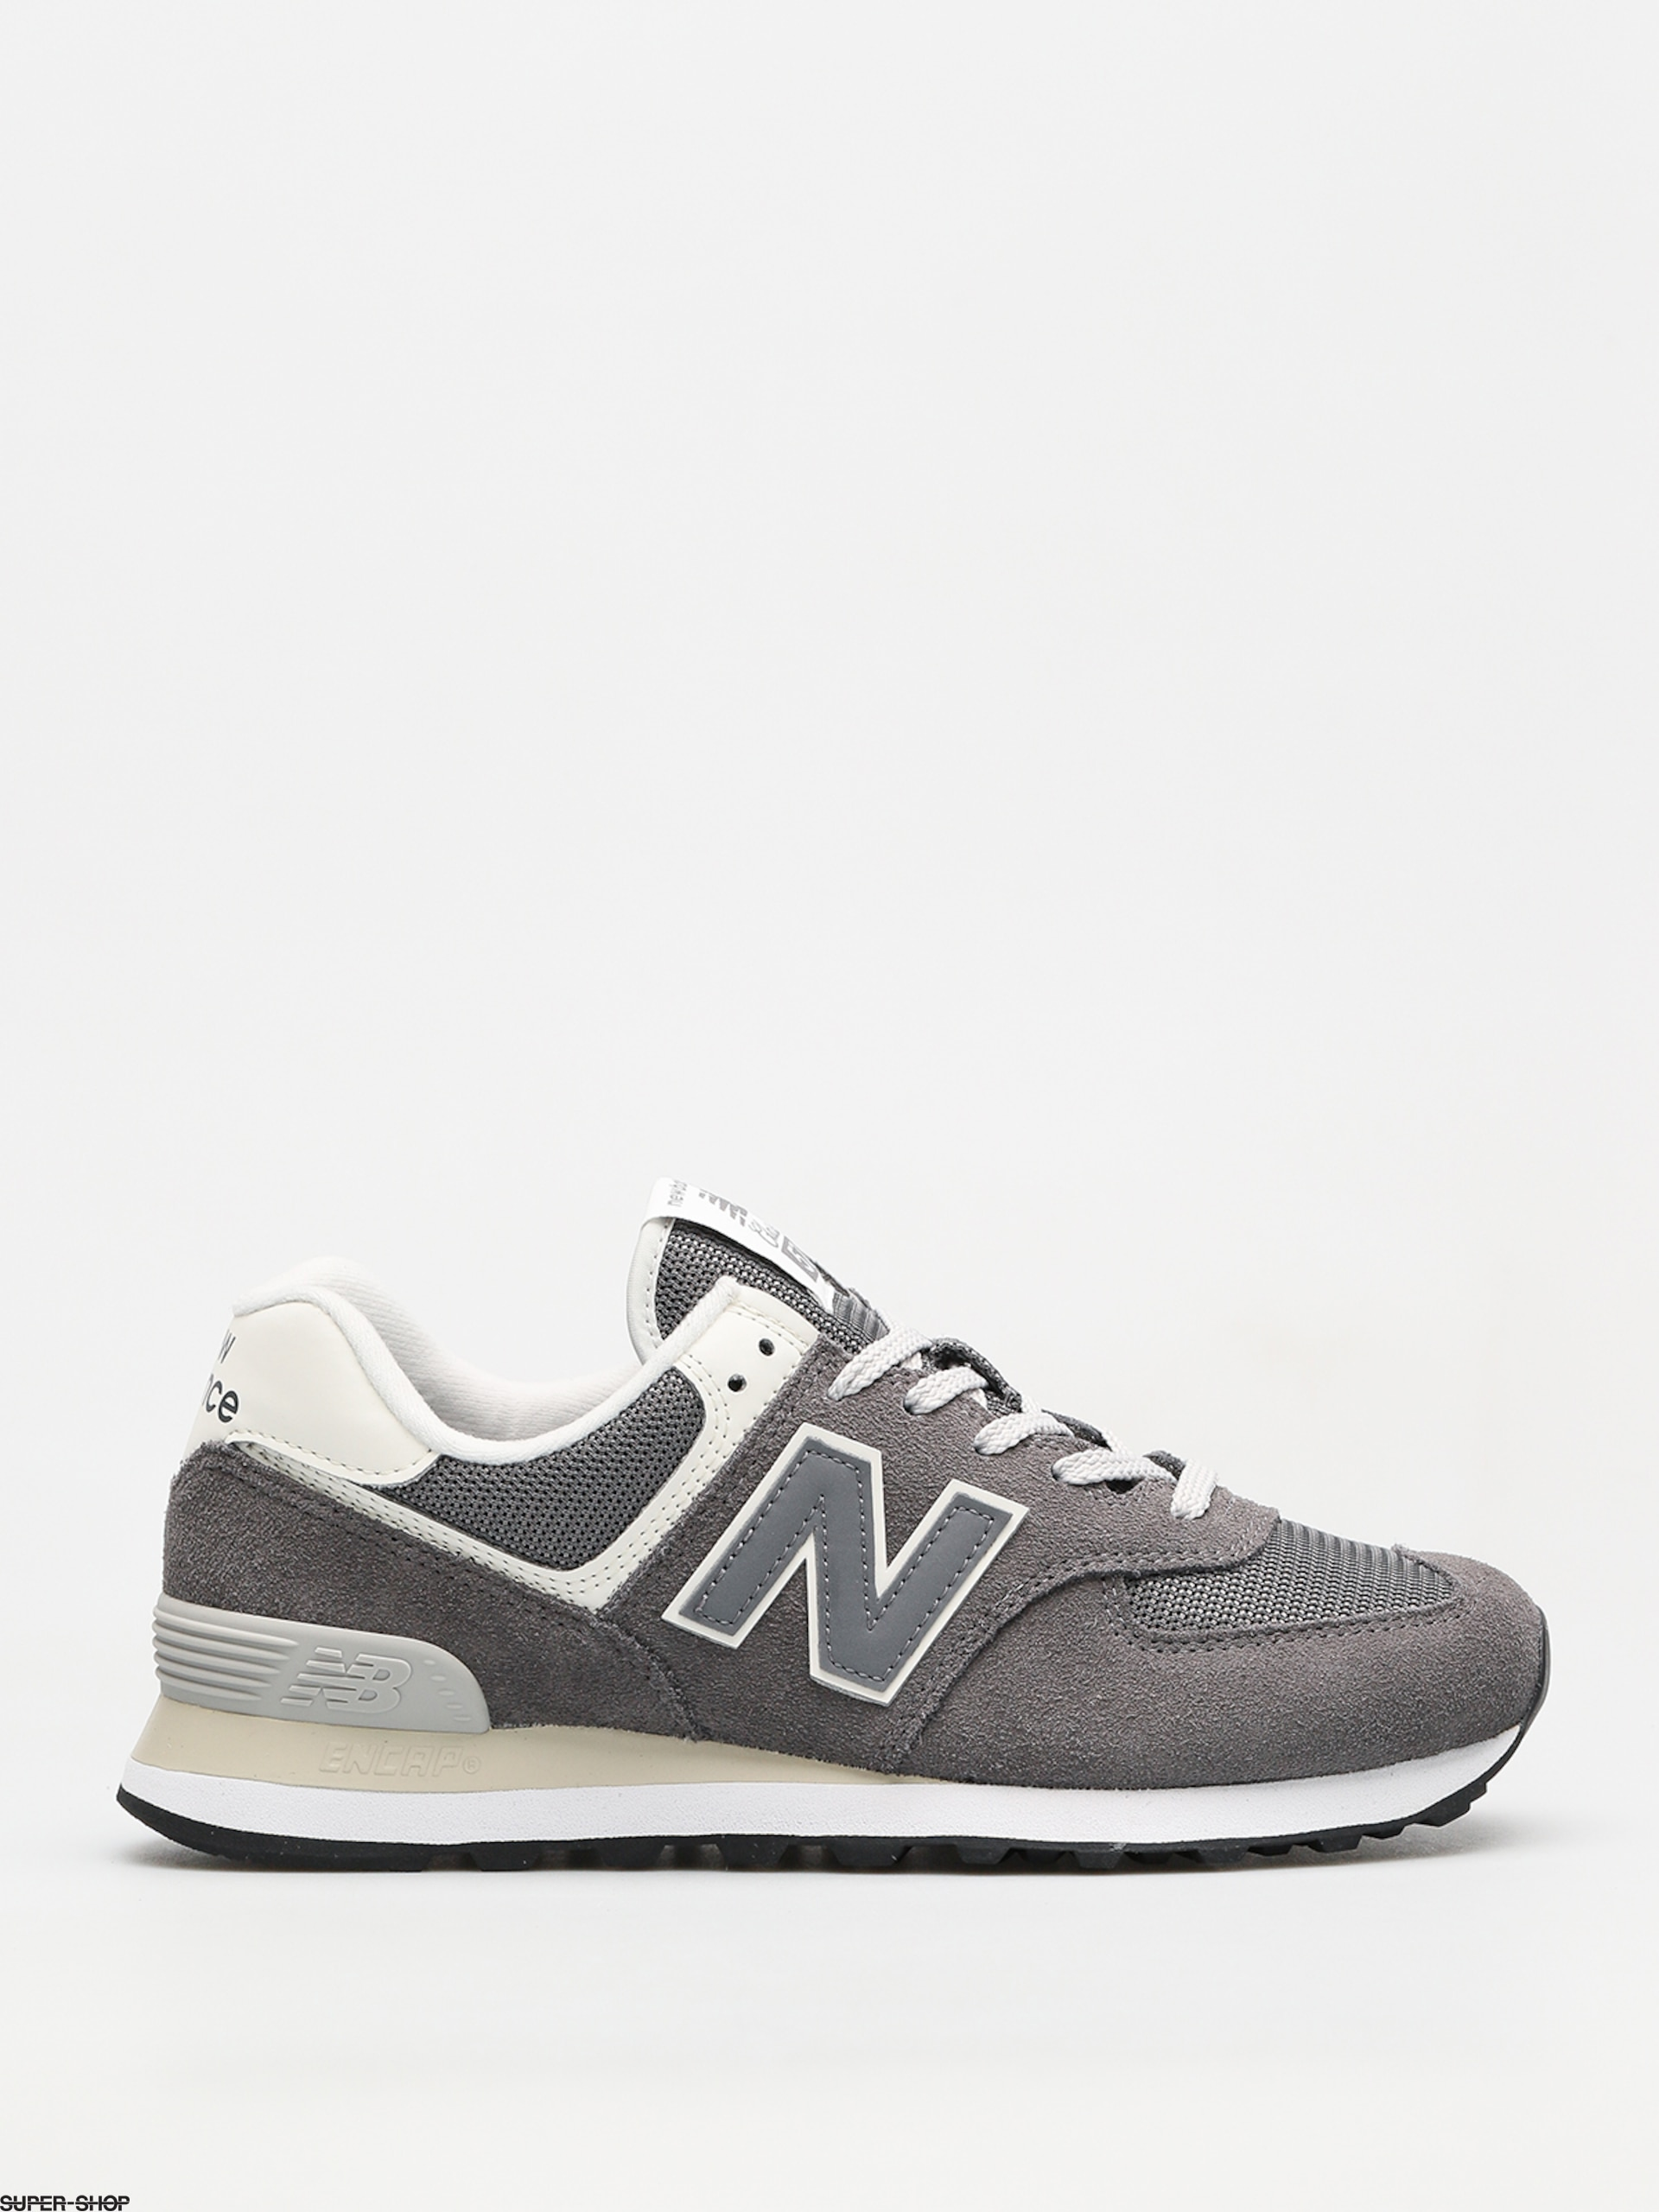 574 New Schuhe Wmncastlerock Balance QdtrChs